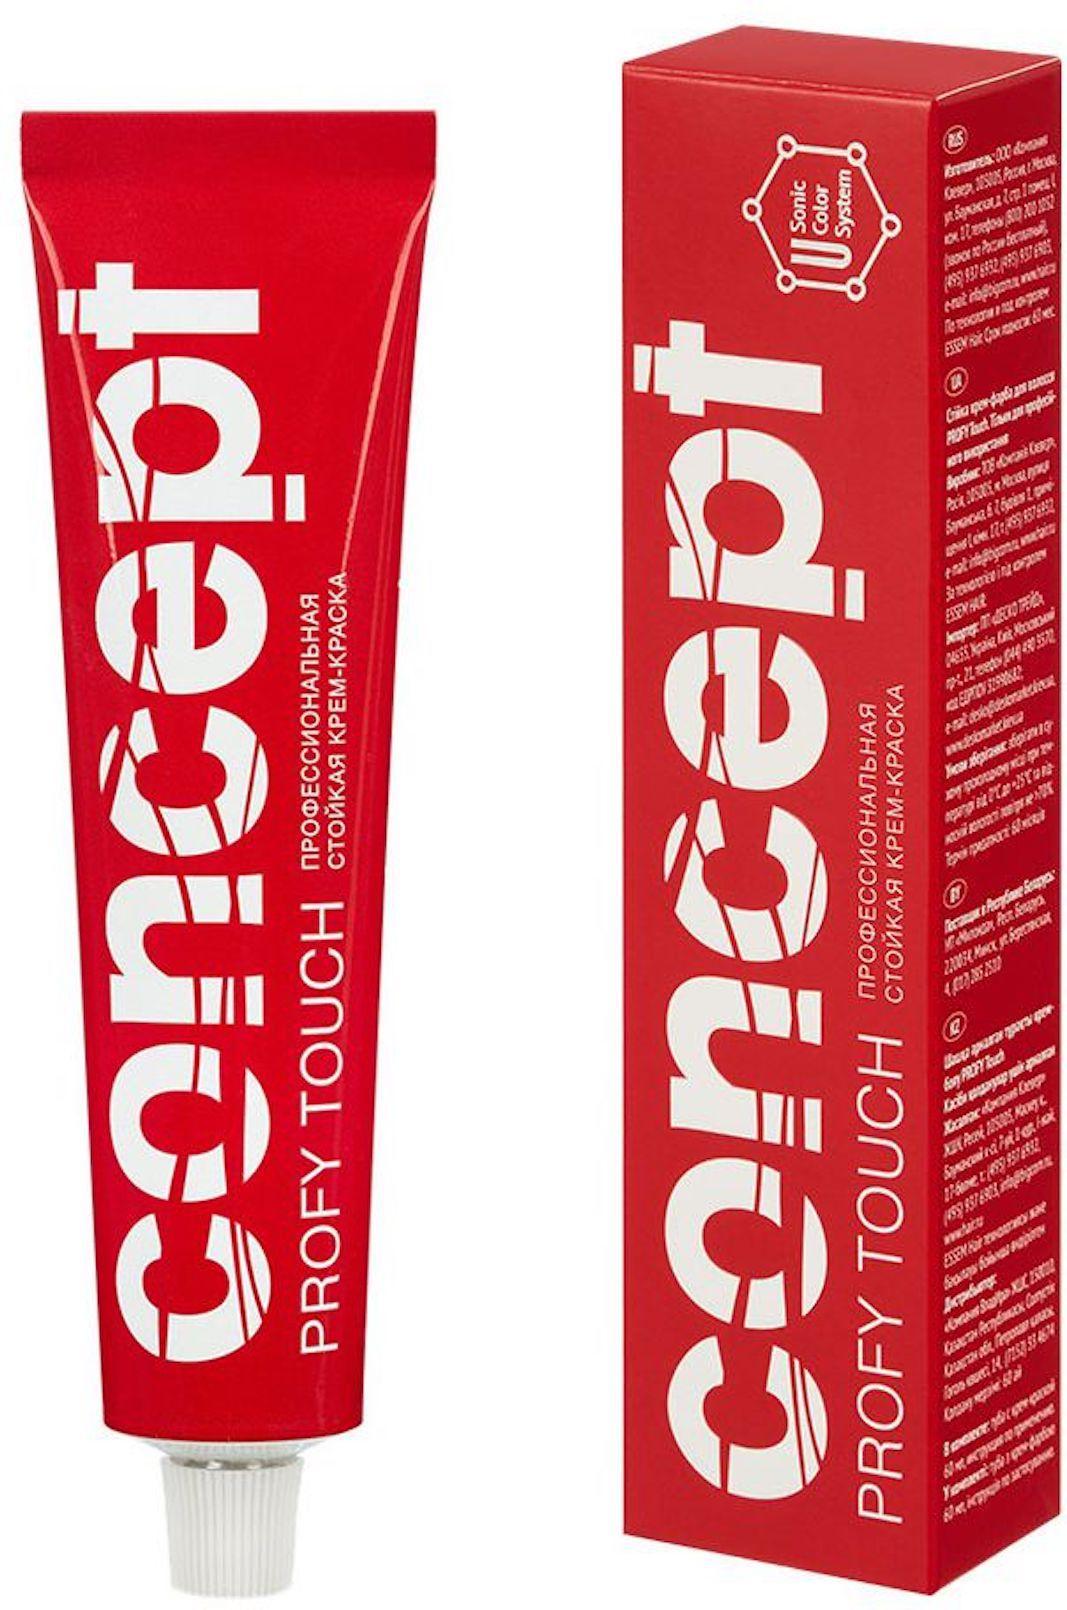 Стойкая крем-краска для волос Concept Permanent color cream PROFY Touch 9.65 Светлый фиолетово-красный, 33712 недорого